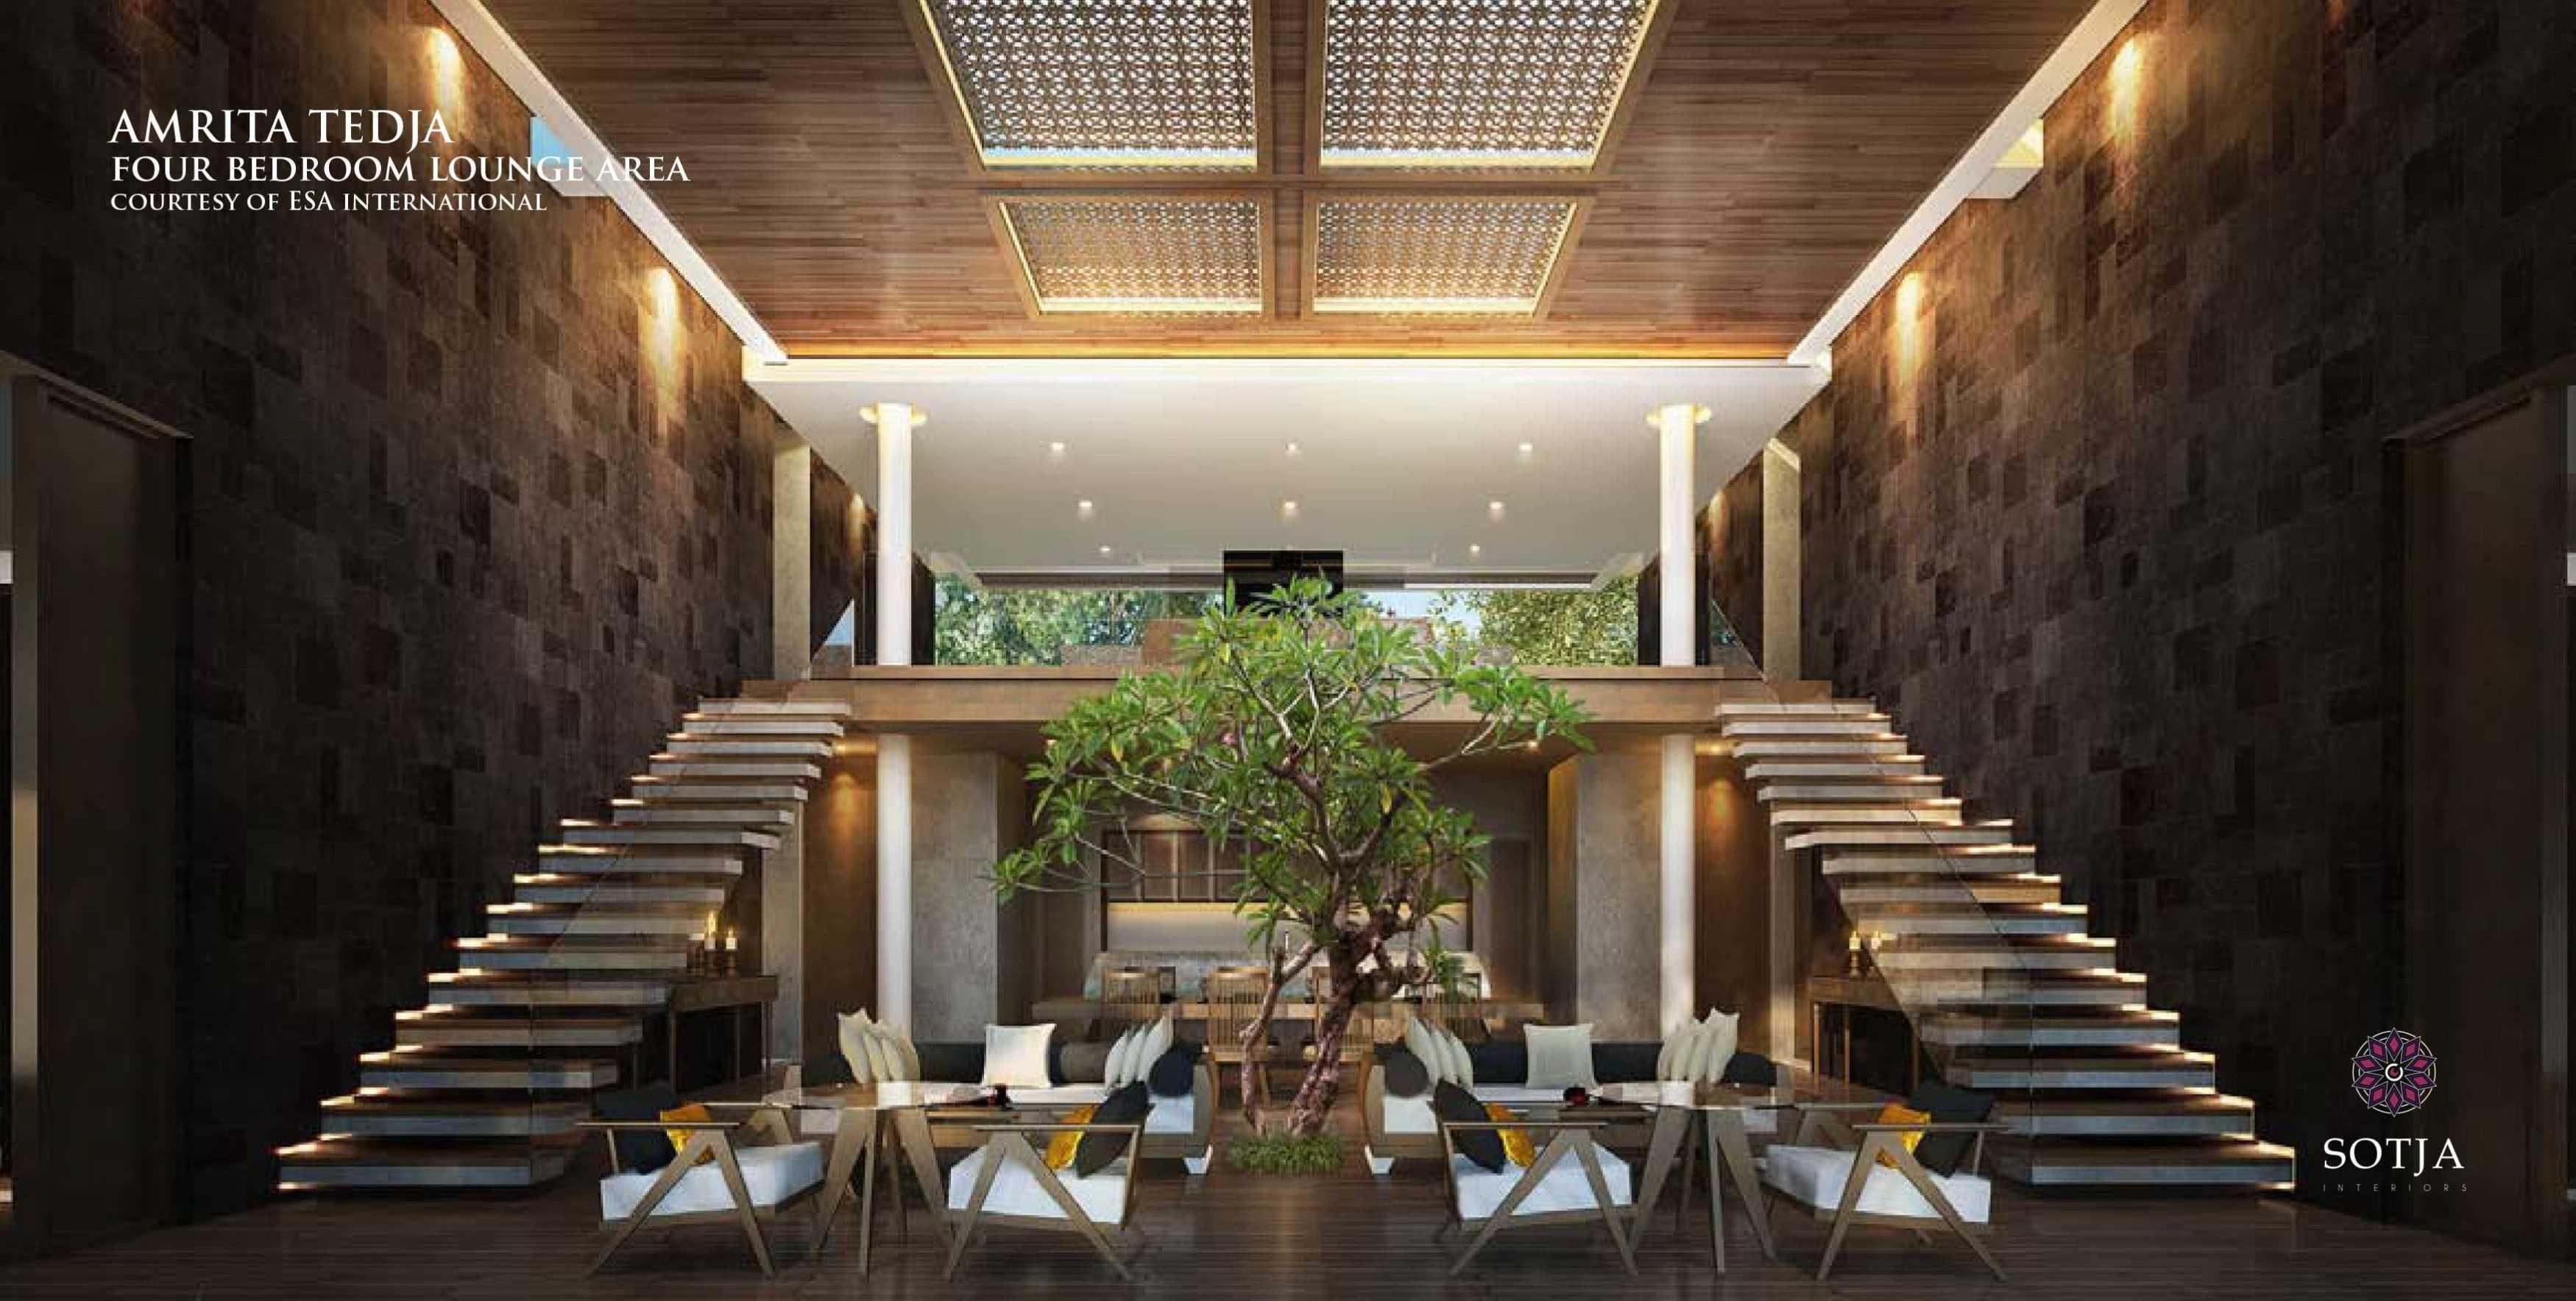 Sotja Interiors Amrita Tedja At Ubud Bali, Indonesia Bali, Indonesia Four Bedroom Lounge Area   8721